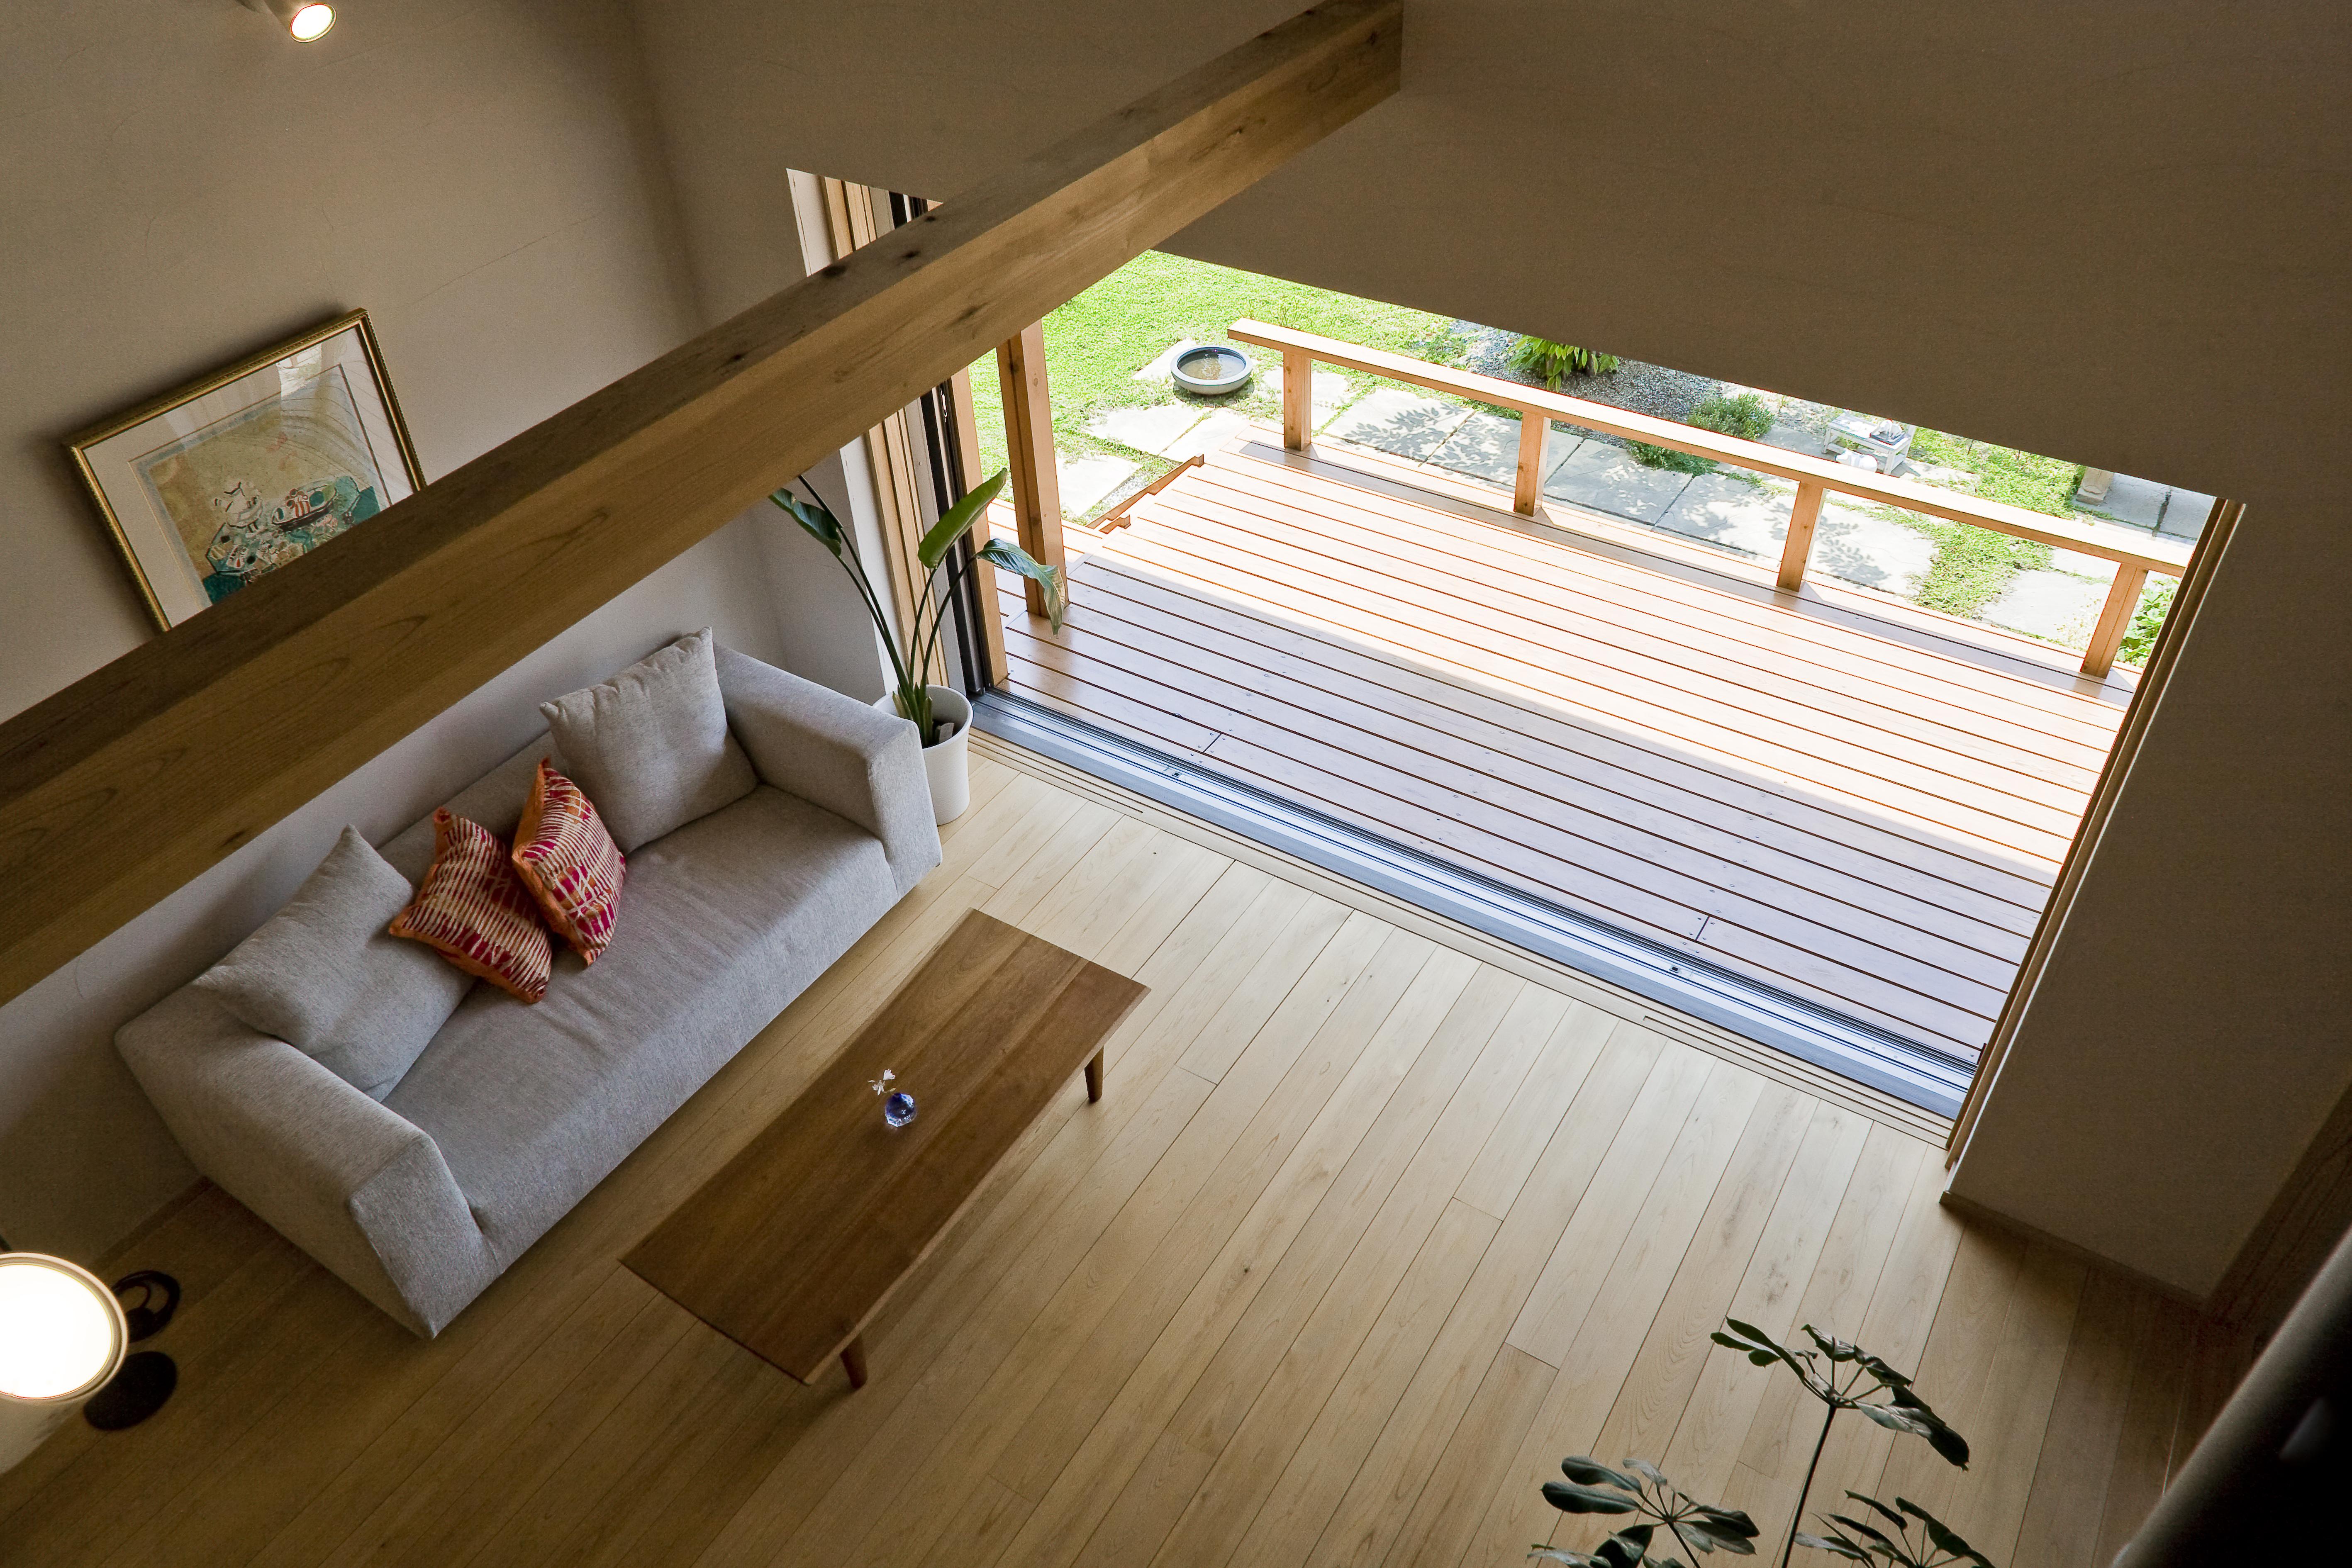 ナルセコーポレーションの家は「人と、庭と、街となかよくする家」